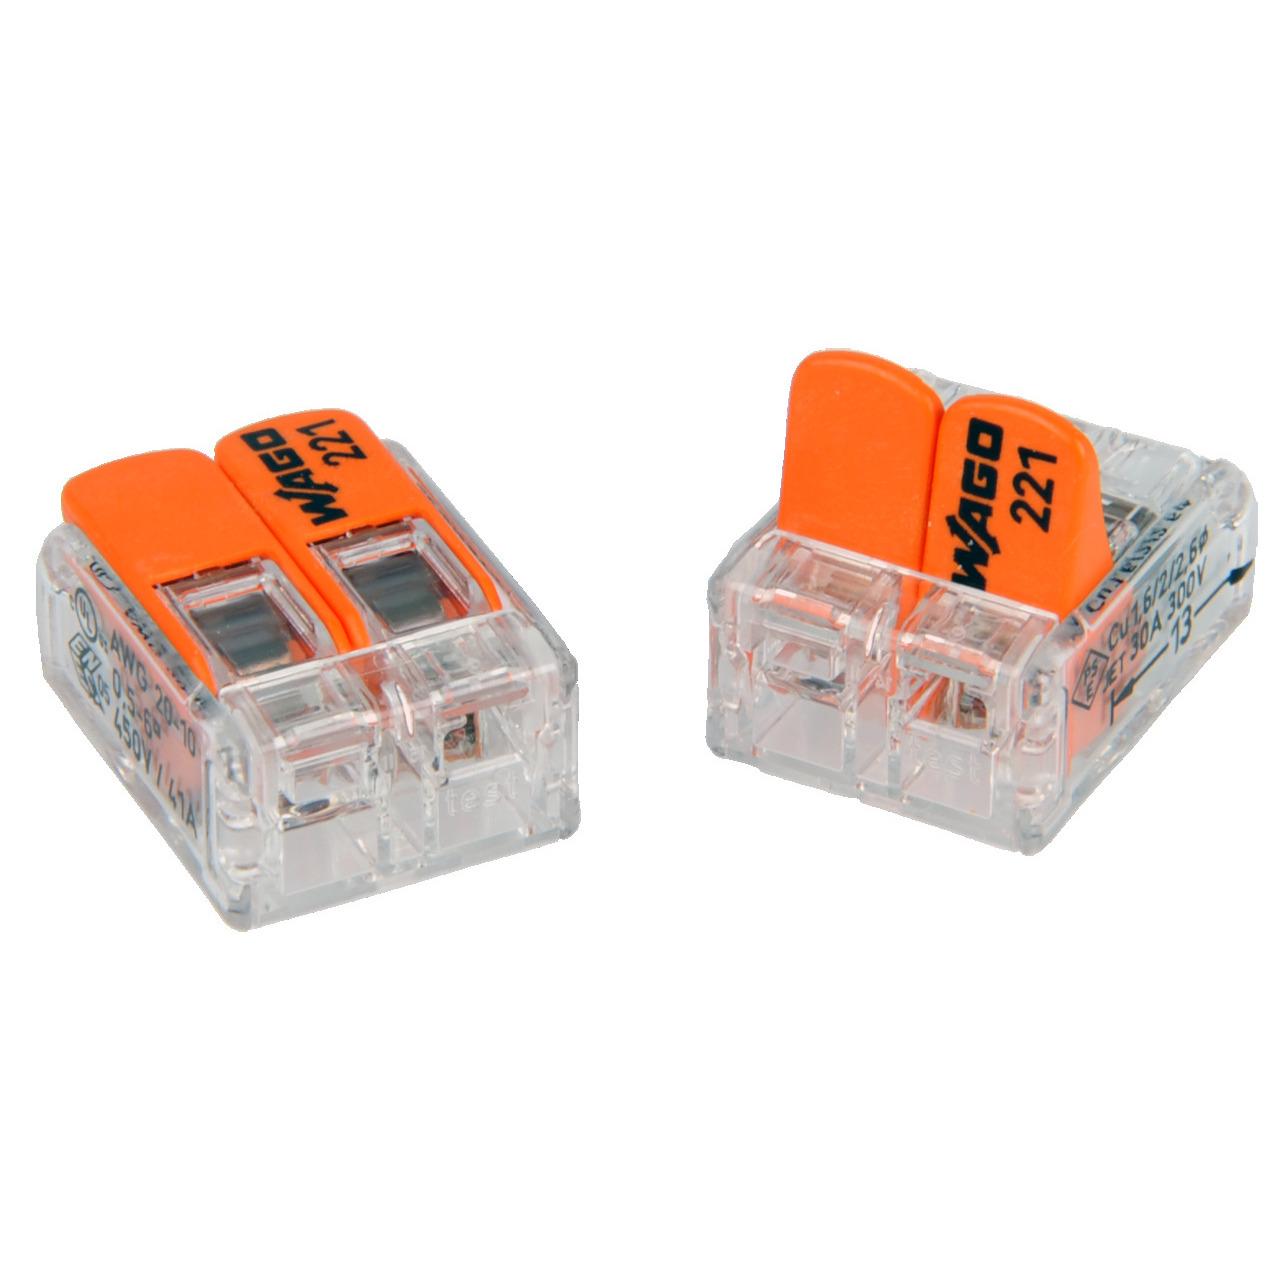 Wagoklemmen Typ 221-612- 2-Leiter-Klemme- Nennquerschnitt 6mm²- 50er Pack